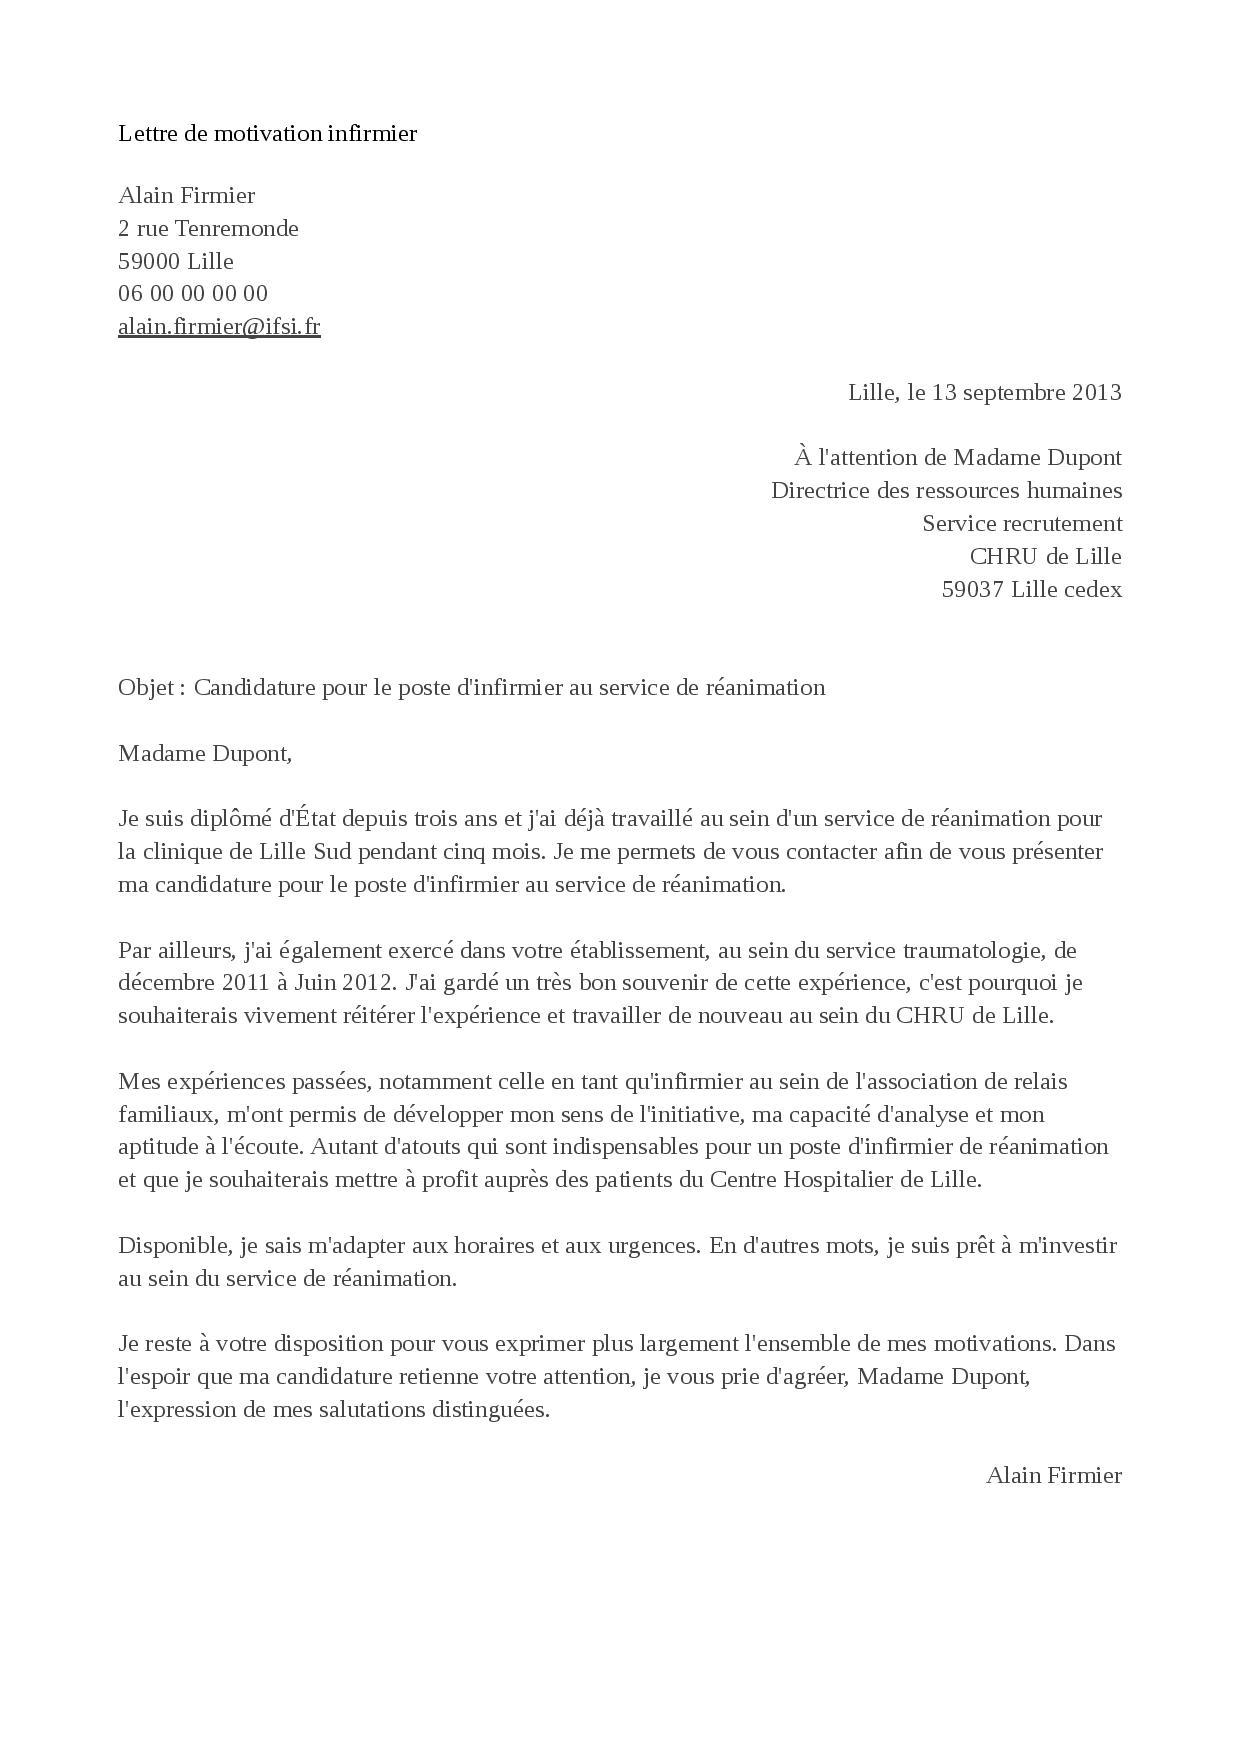 Exemple de lettre de motivation infirmier  STAFFSANTÉ